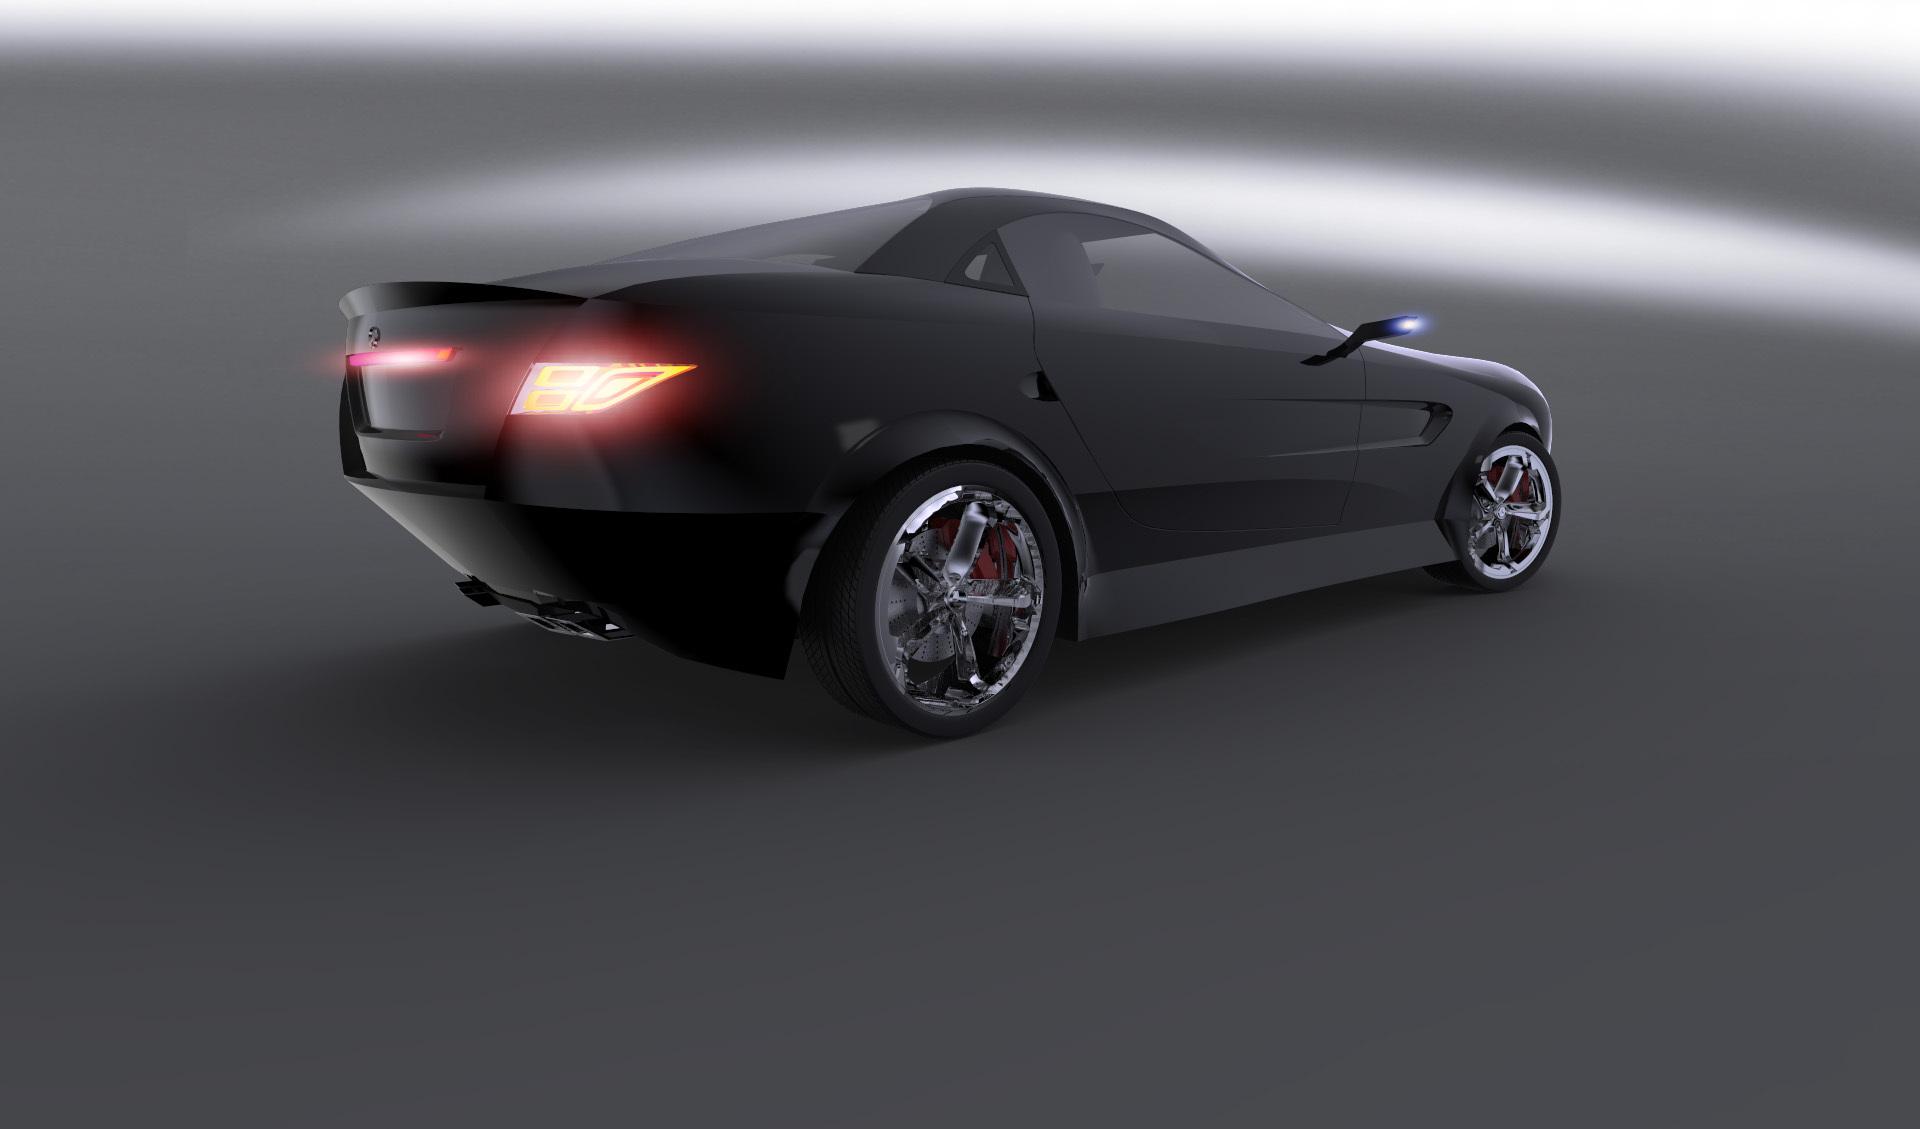 奔驰概念车设计